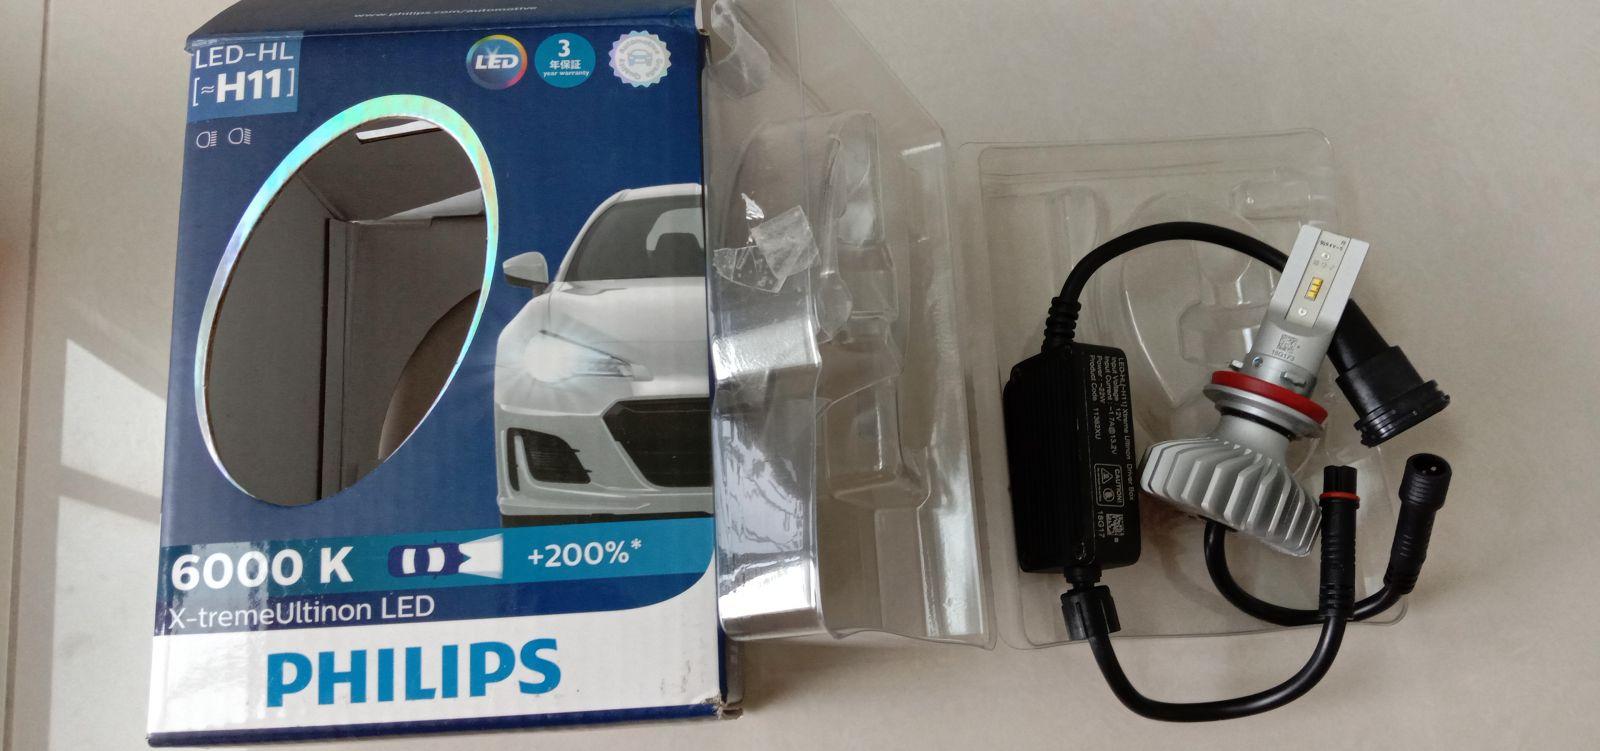 Philips X-treme Ultinon LED H11 6000K LED Light Bulb